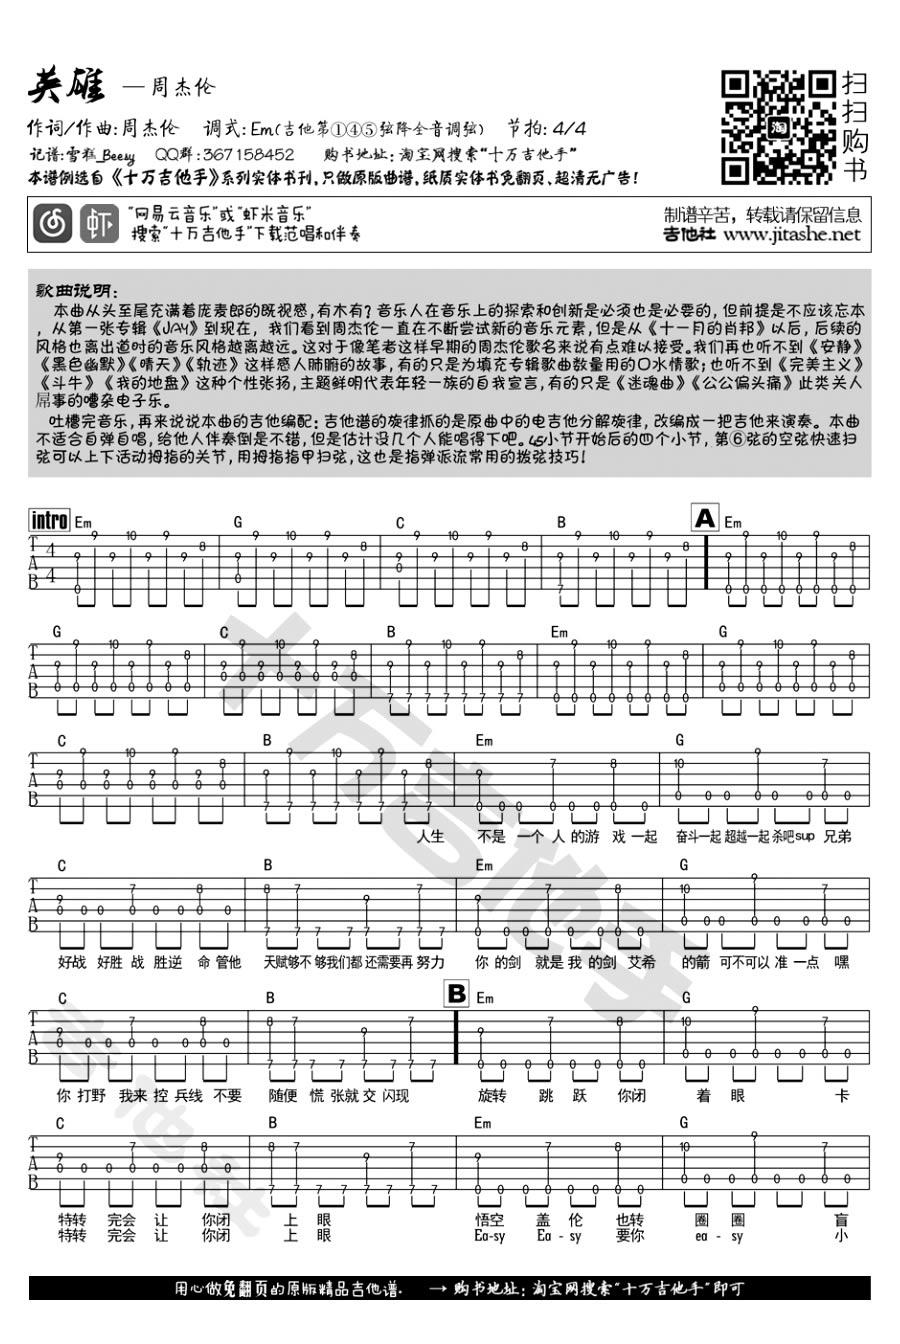 周杰伦《英雄联盟》lol主题曲吉他谱图片